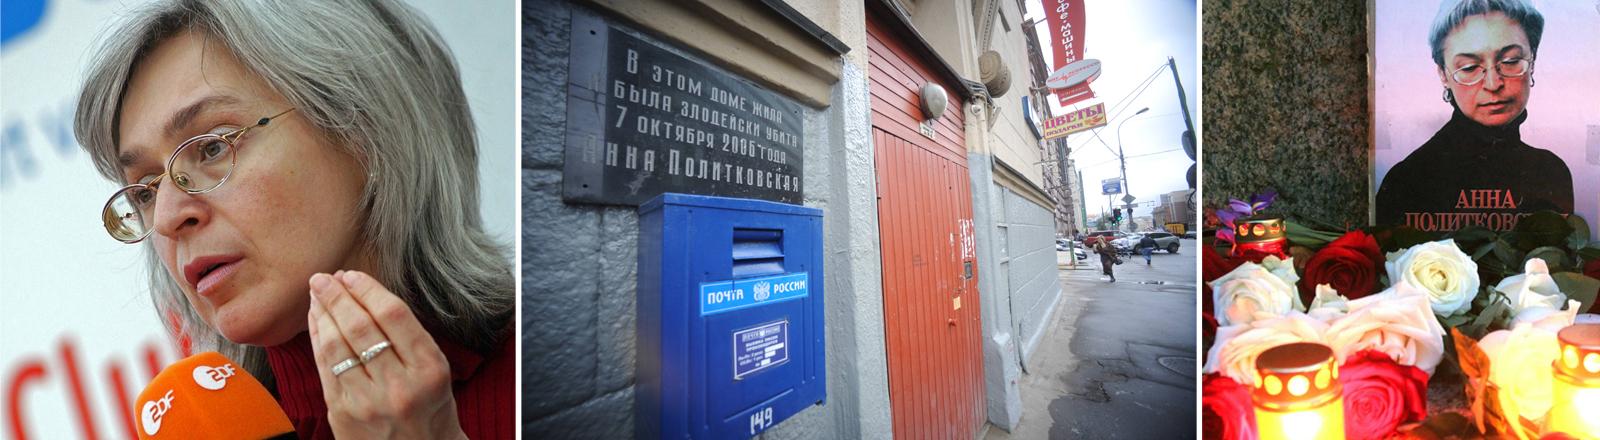 Collage: Anna Politkowskaja 2005, Ort des Attentats vor ihrer Haustüre, Gedenkkerzen und Blumen.